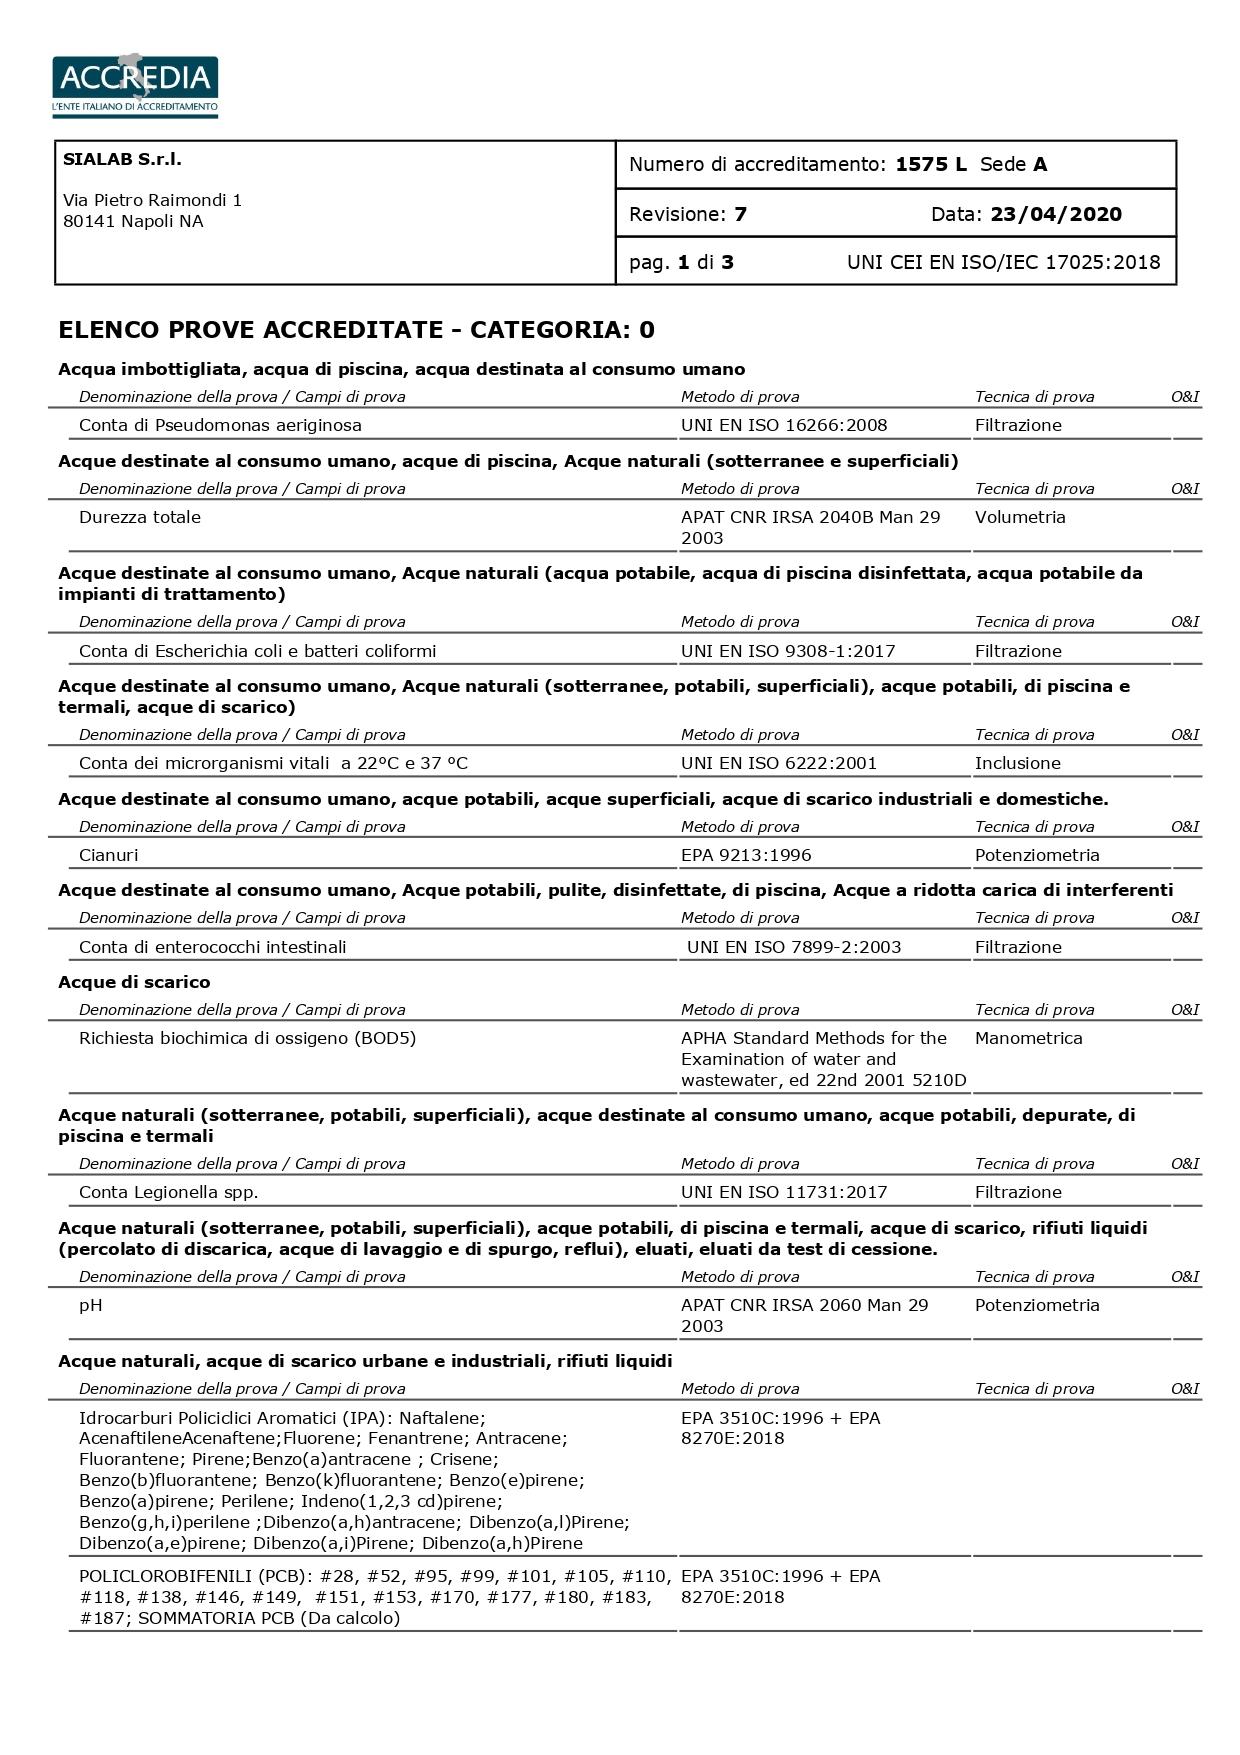 elenco prove accreditate SIALAB (1)_page-0001